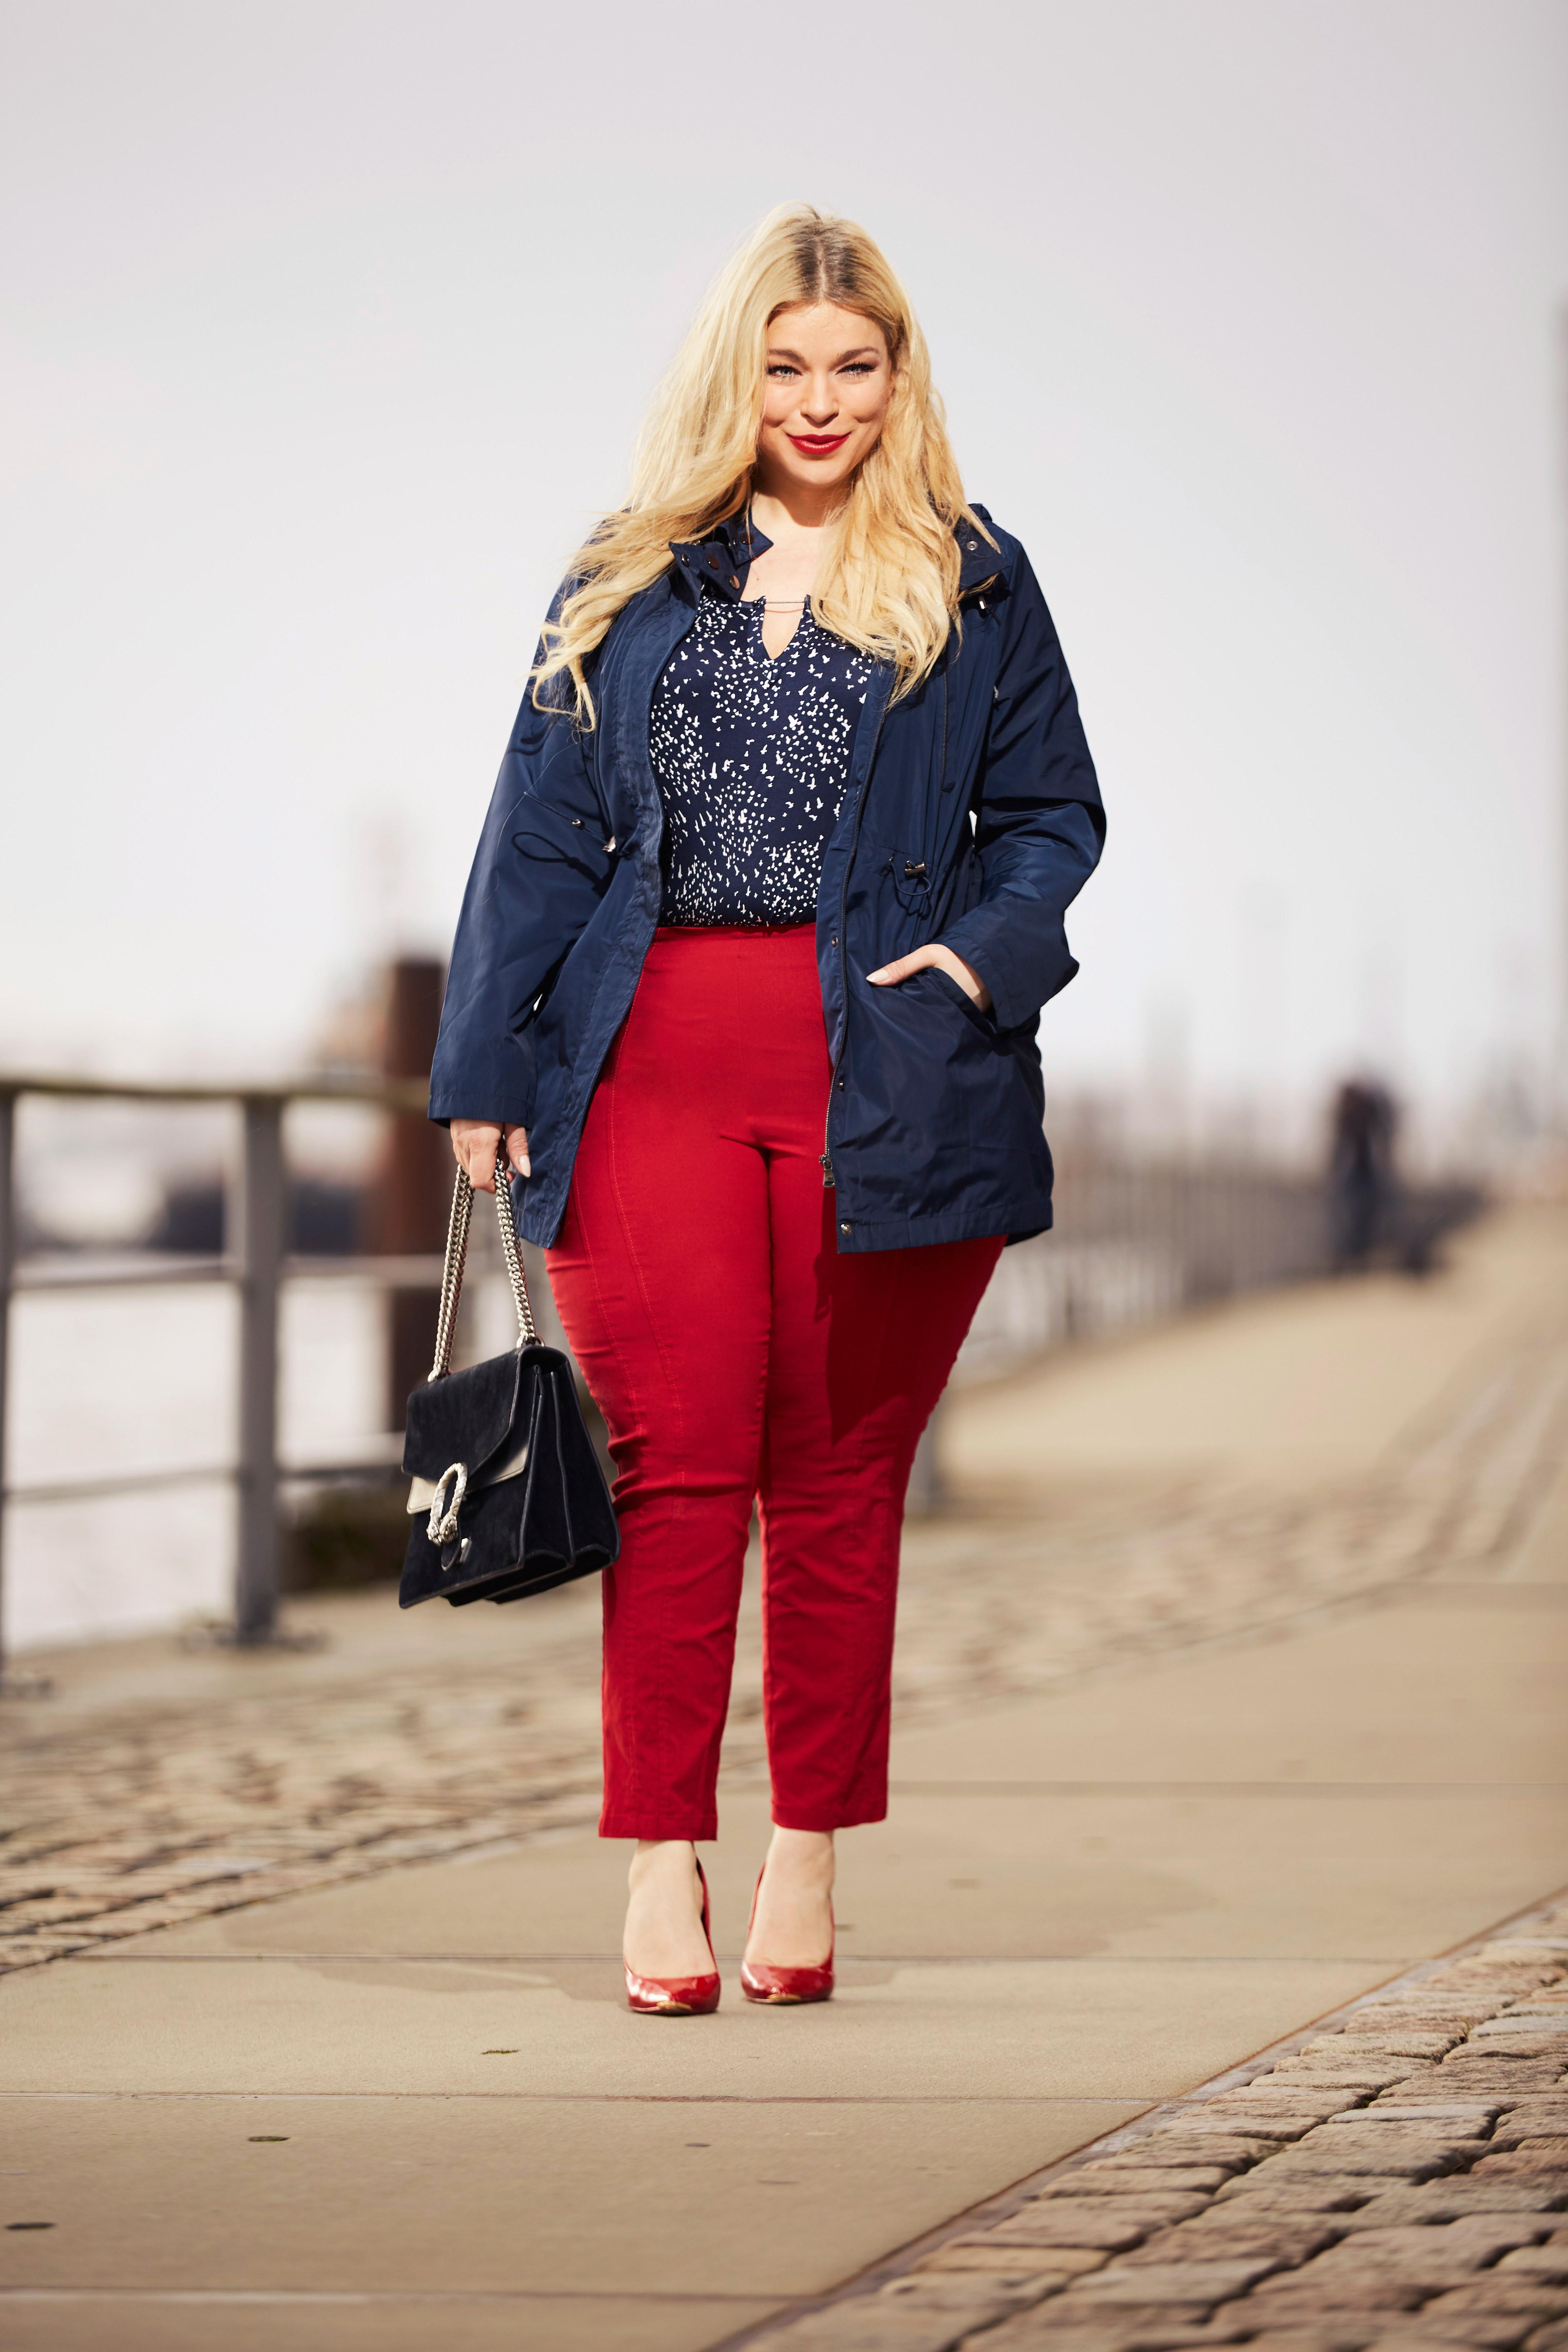 Caterina-pogorzelski-Megabambi-curvy-Fashion-C&A-Plussize